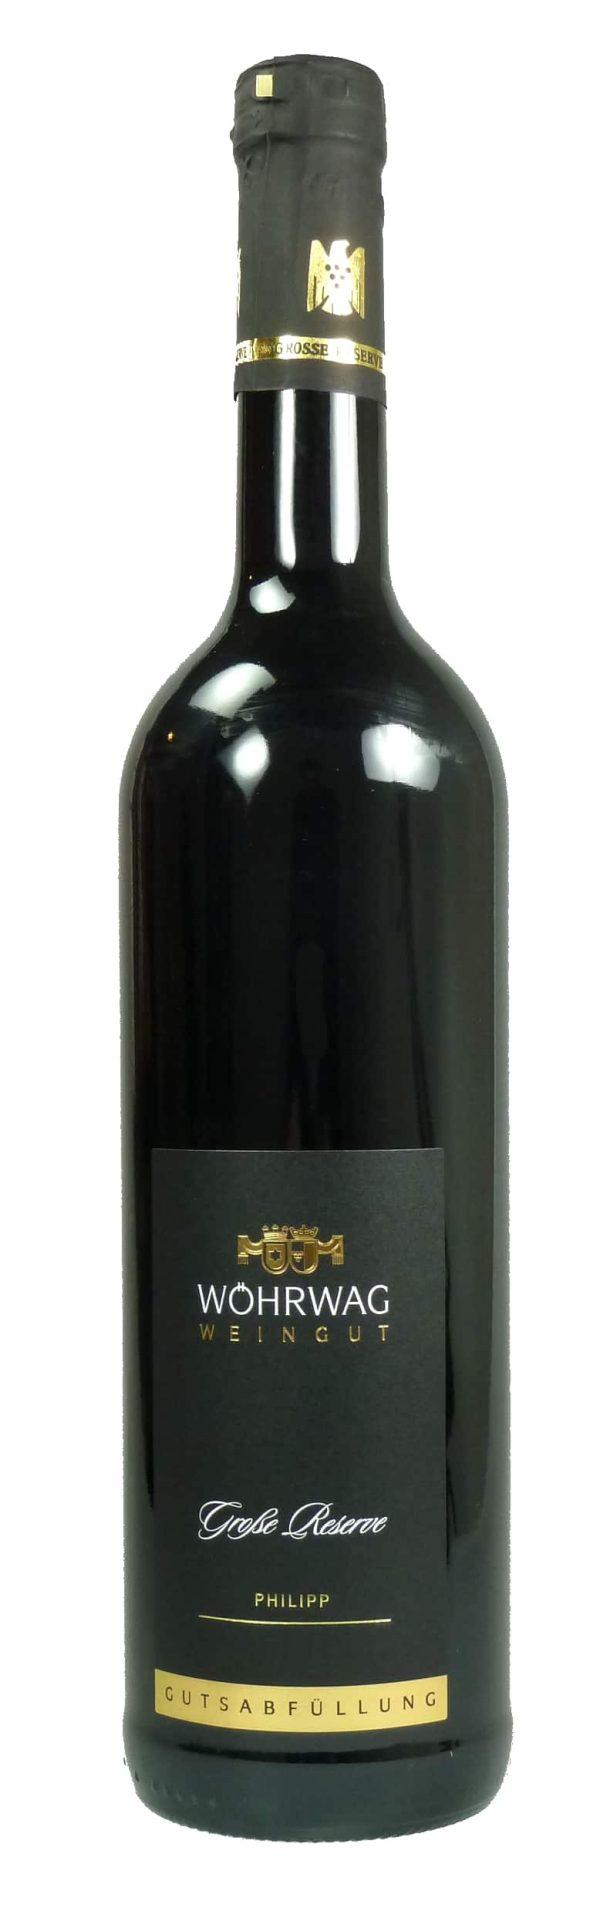 Philipp Rotweincuvée Große Reserve Qualitätswein trocken  2017